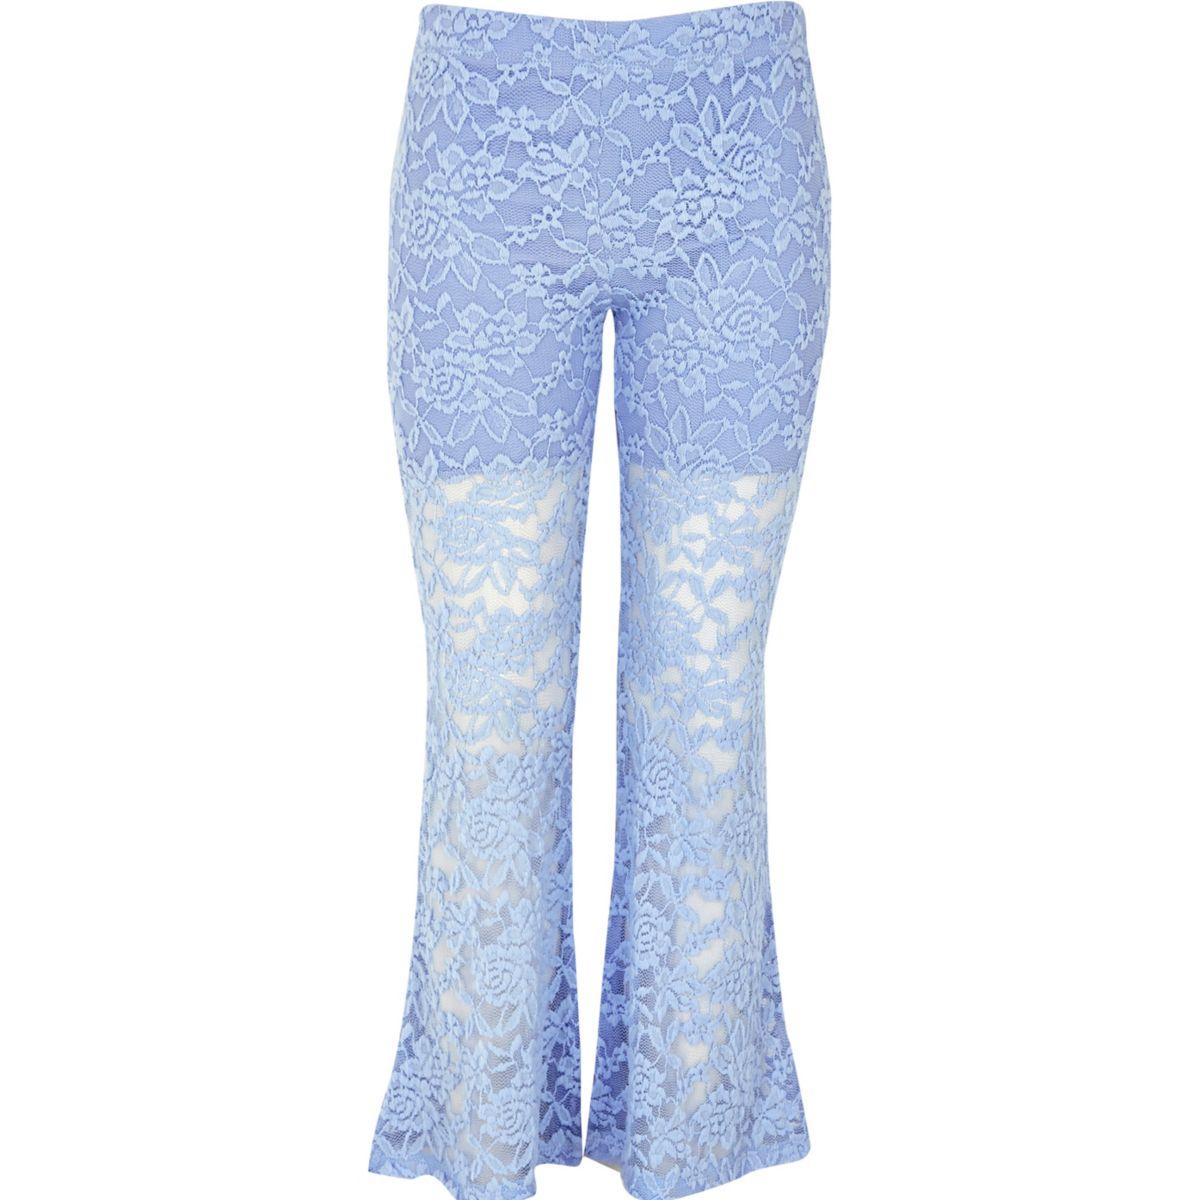 Legging à fleurs en dentelle bleu clair pour fille